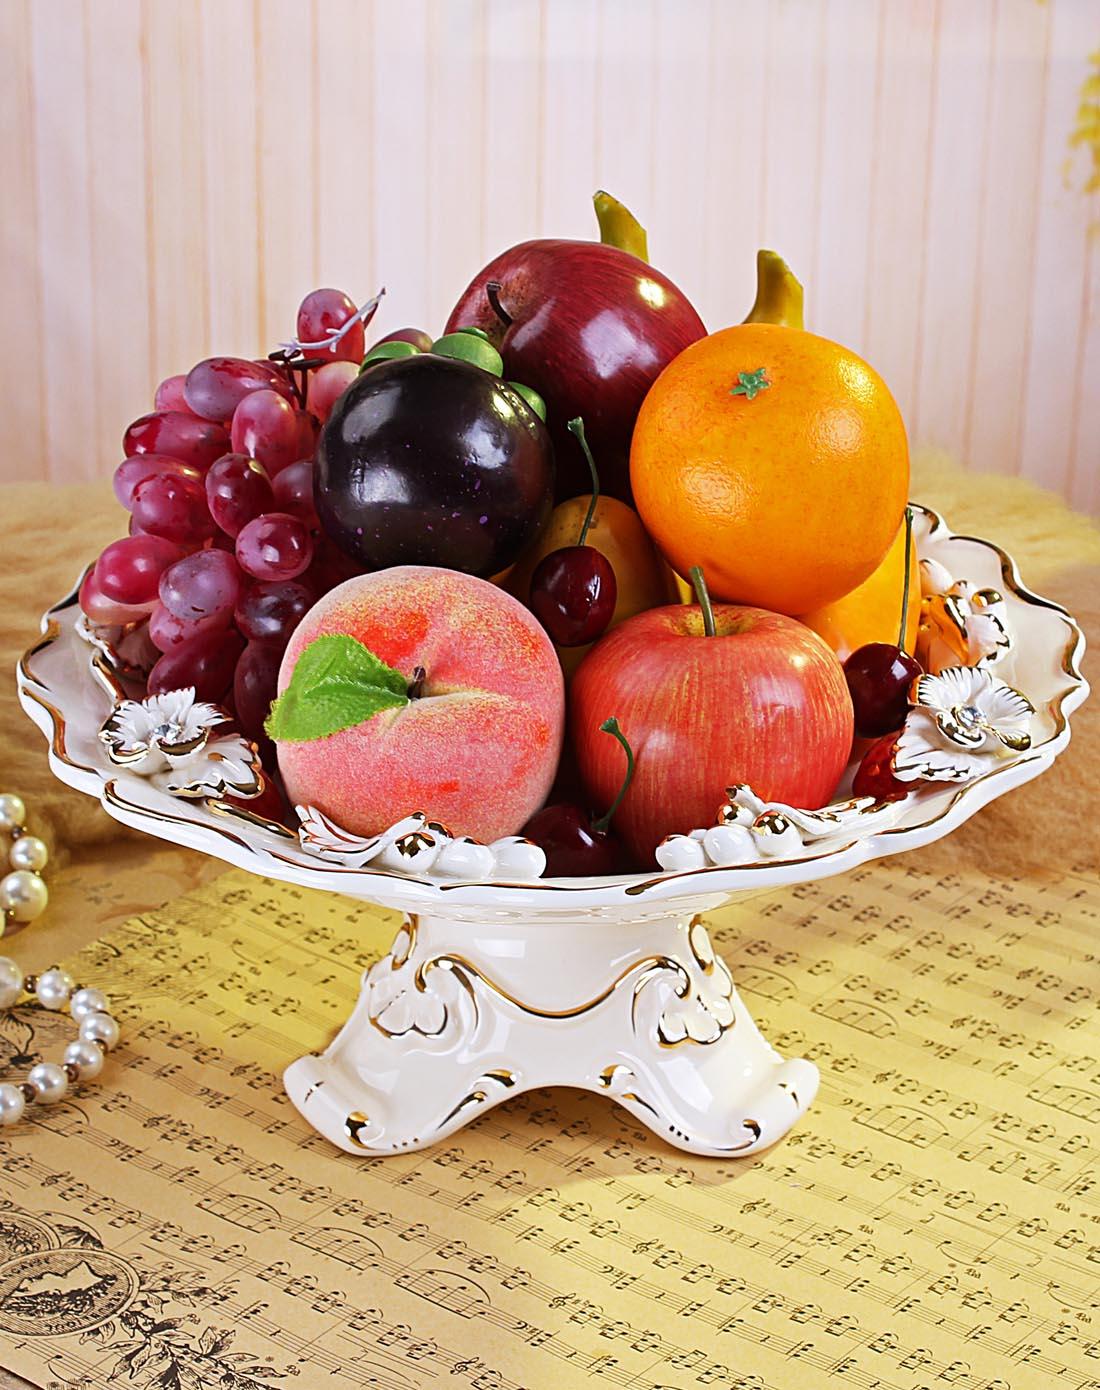 朵兰舍doolansvip首发-欧式陶瓷描金草莓果盘jc10713图片